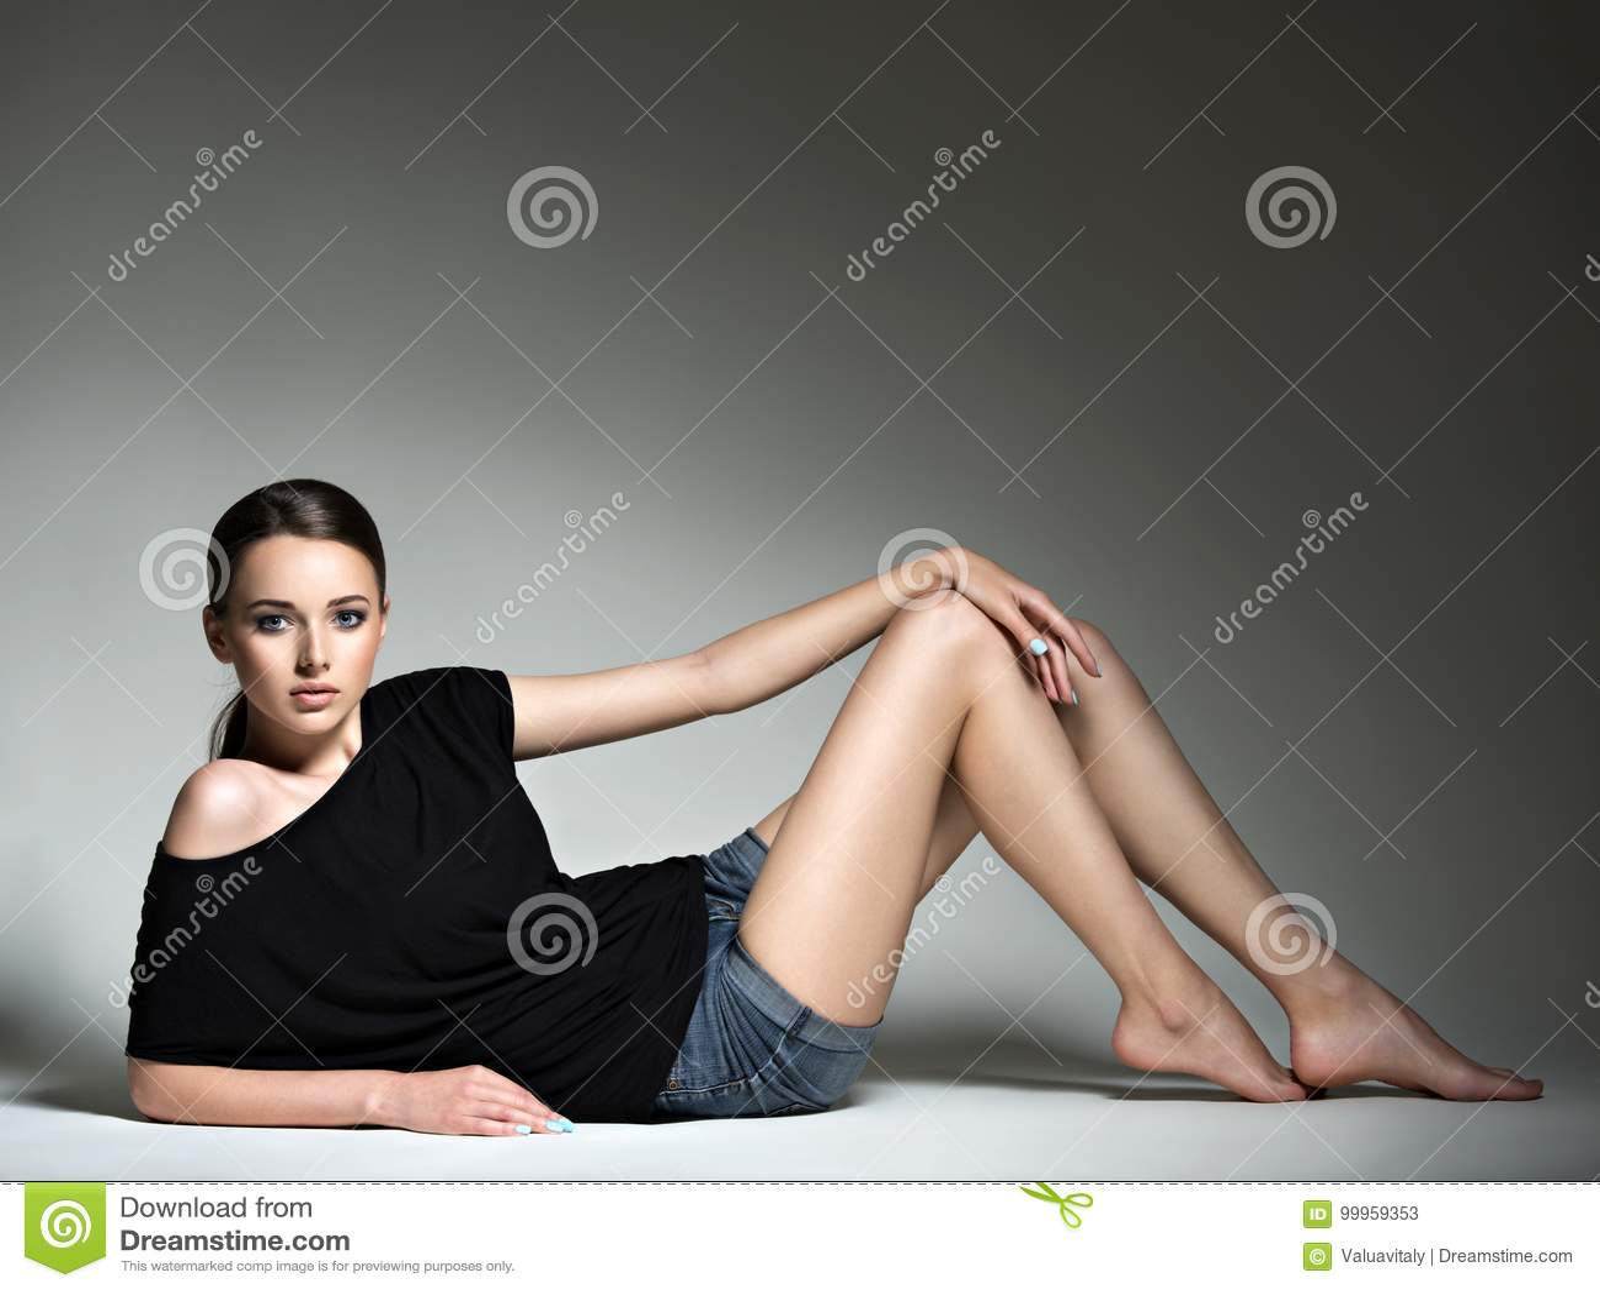 όμορφη μαύρη γυμνή έφηβοι έφηβος σεξ μουνί